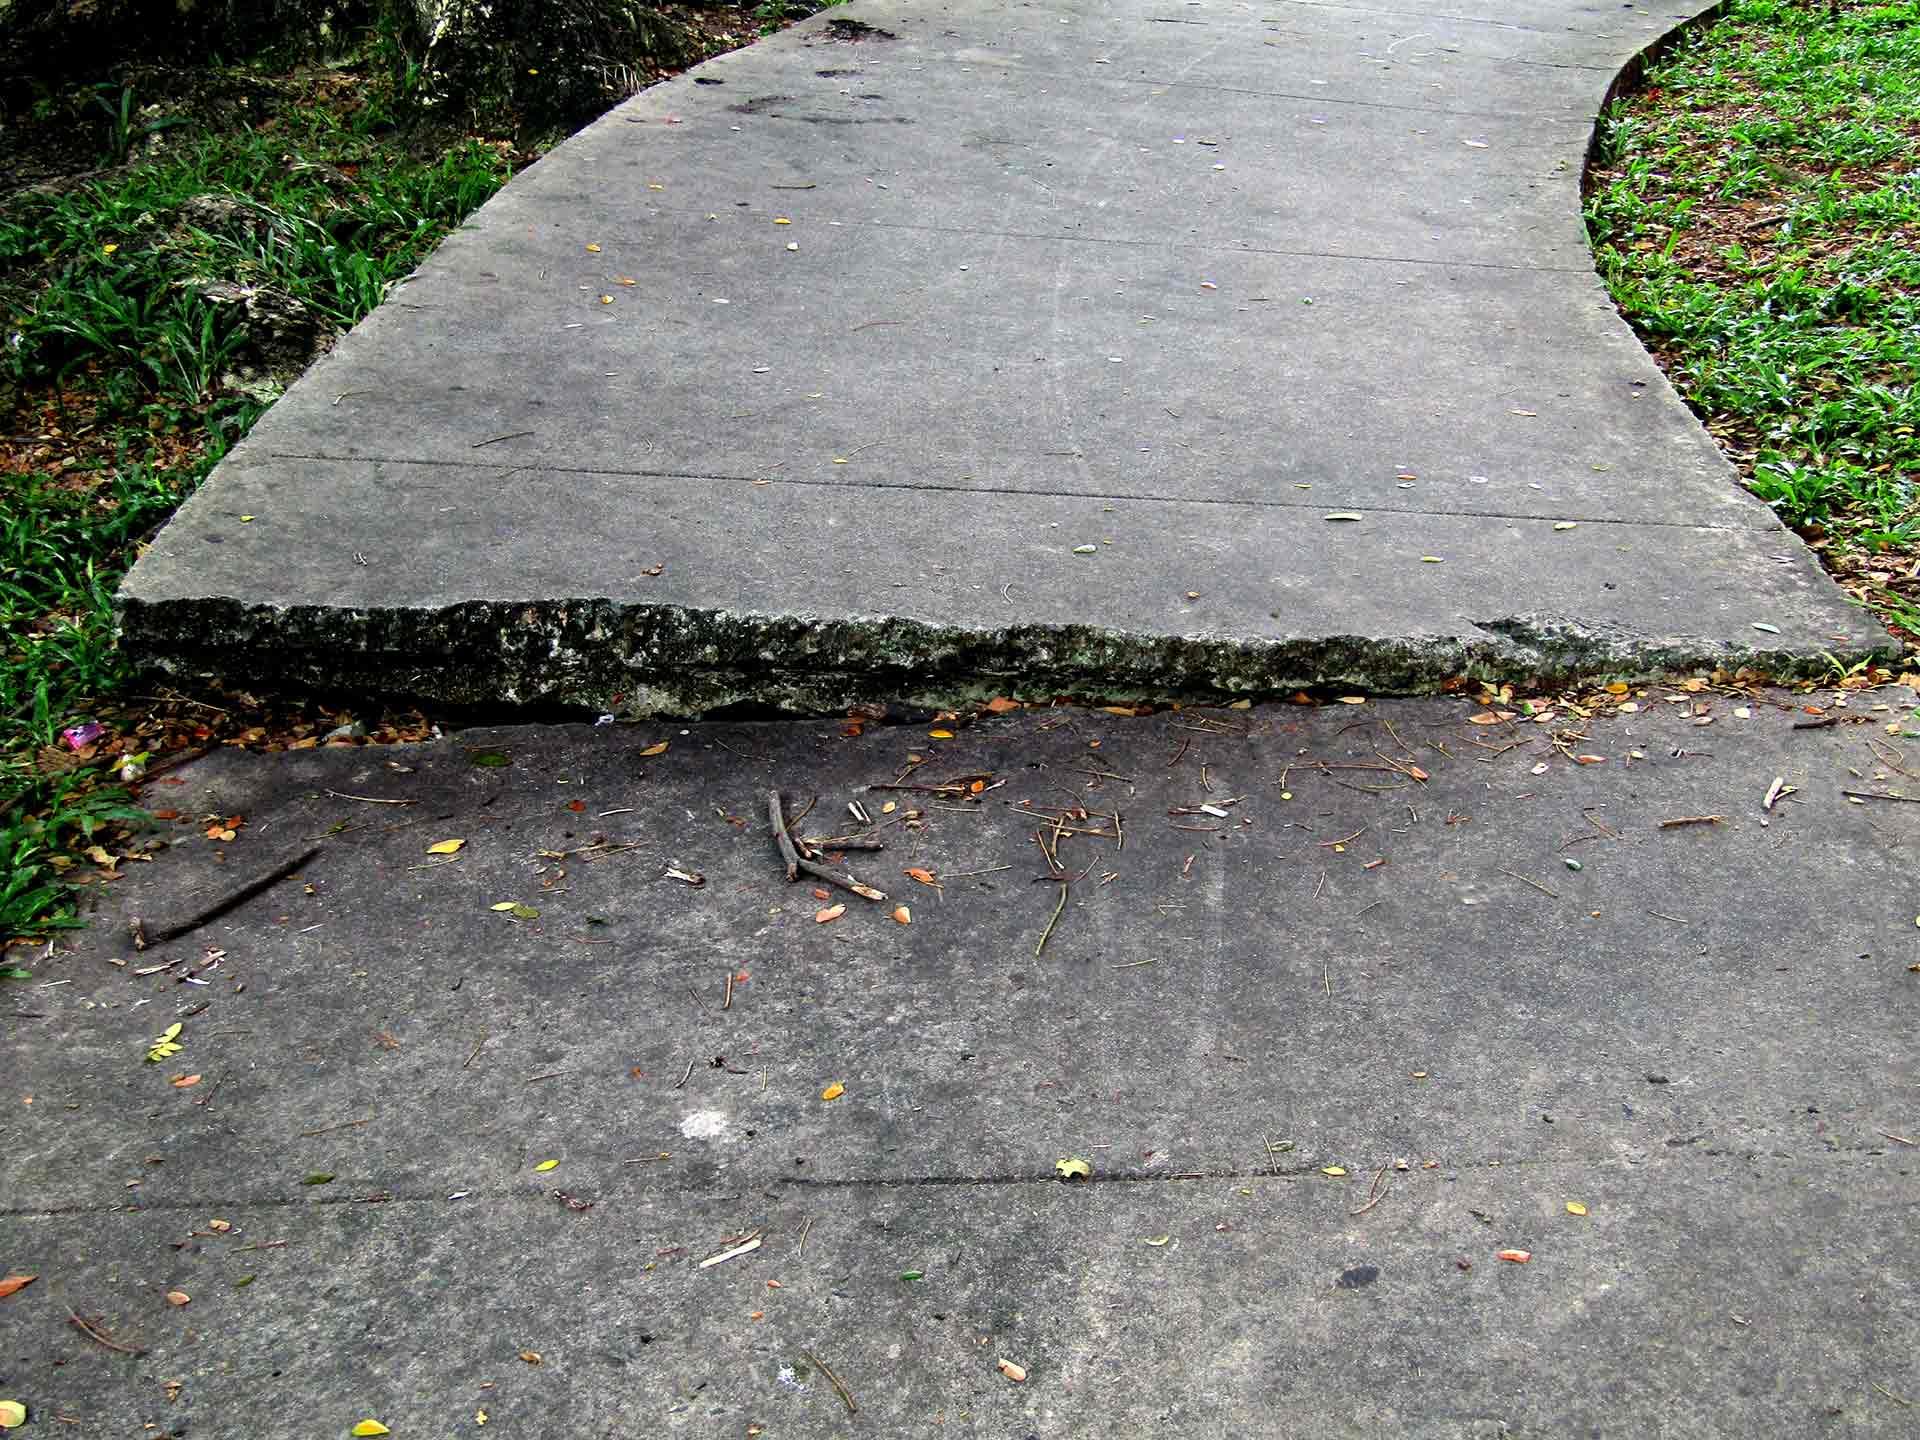 Uneven Sidewalk - Damaged